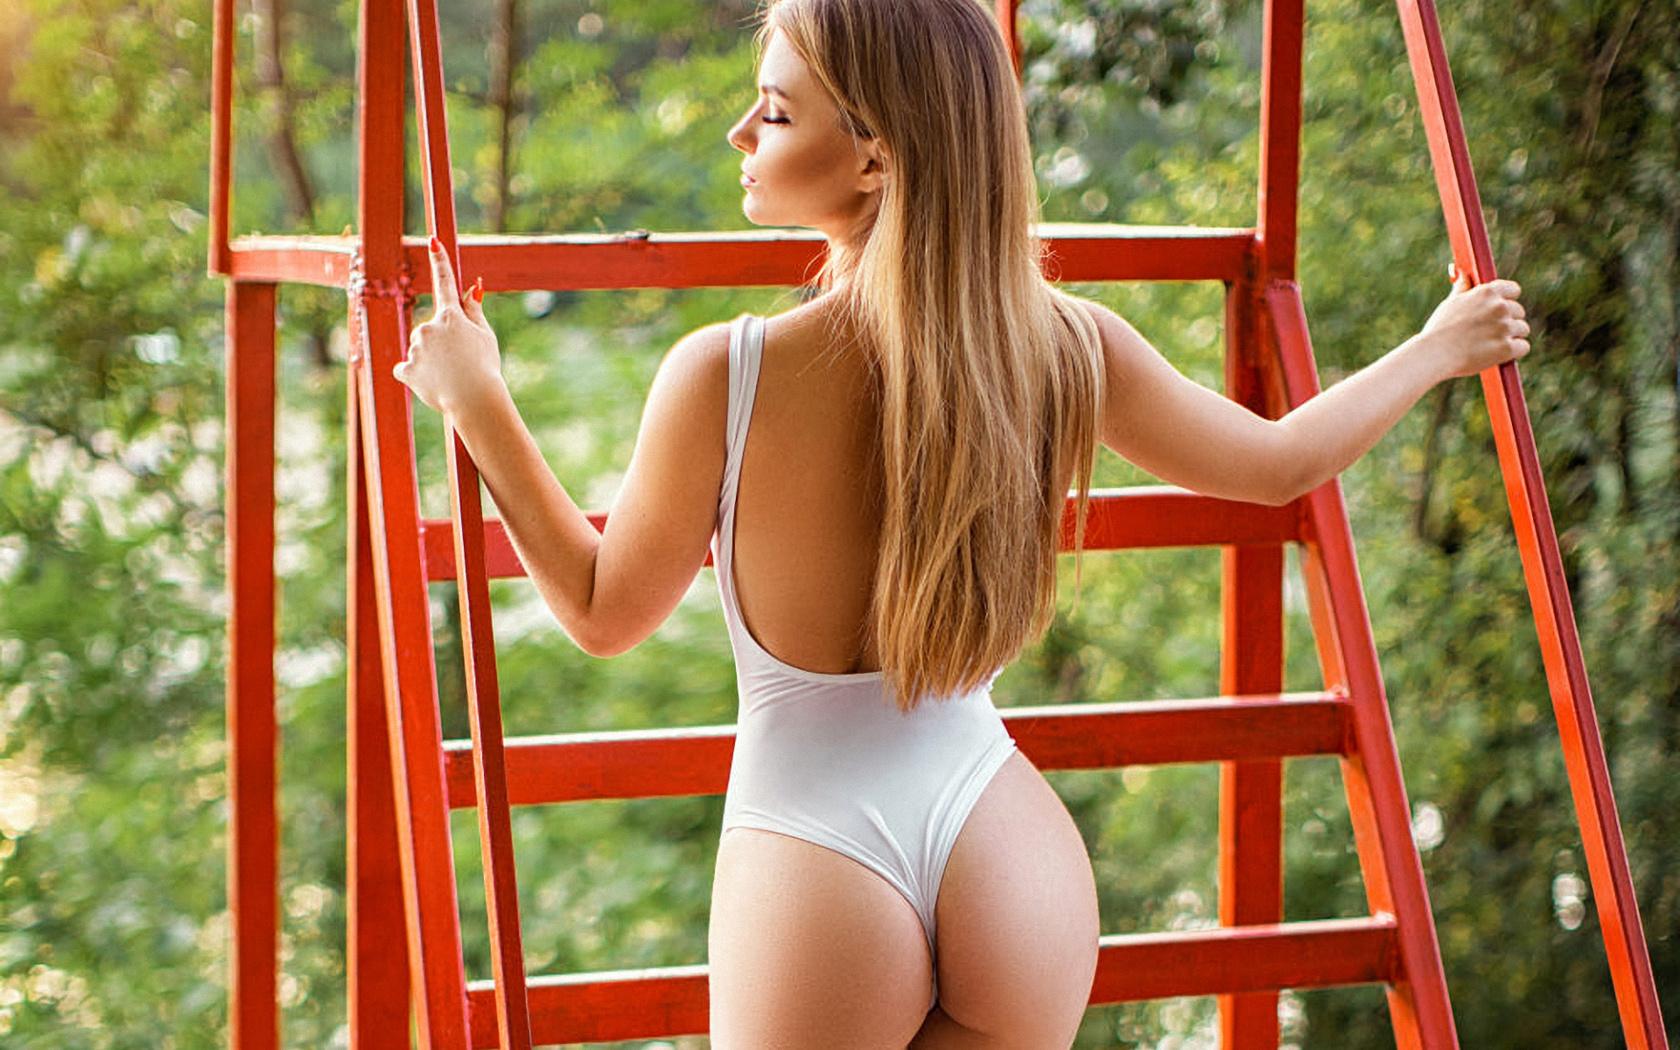 сергей шишлов, проф фото, девушка,модель,хороша,позирует,вид сзади,боди,фигурка,попка,секси,улица,природа,конструкция